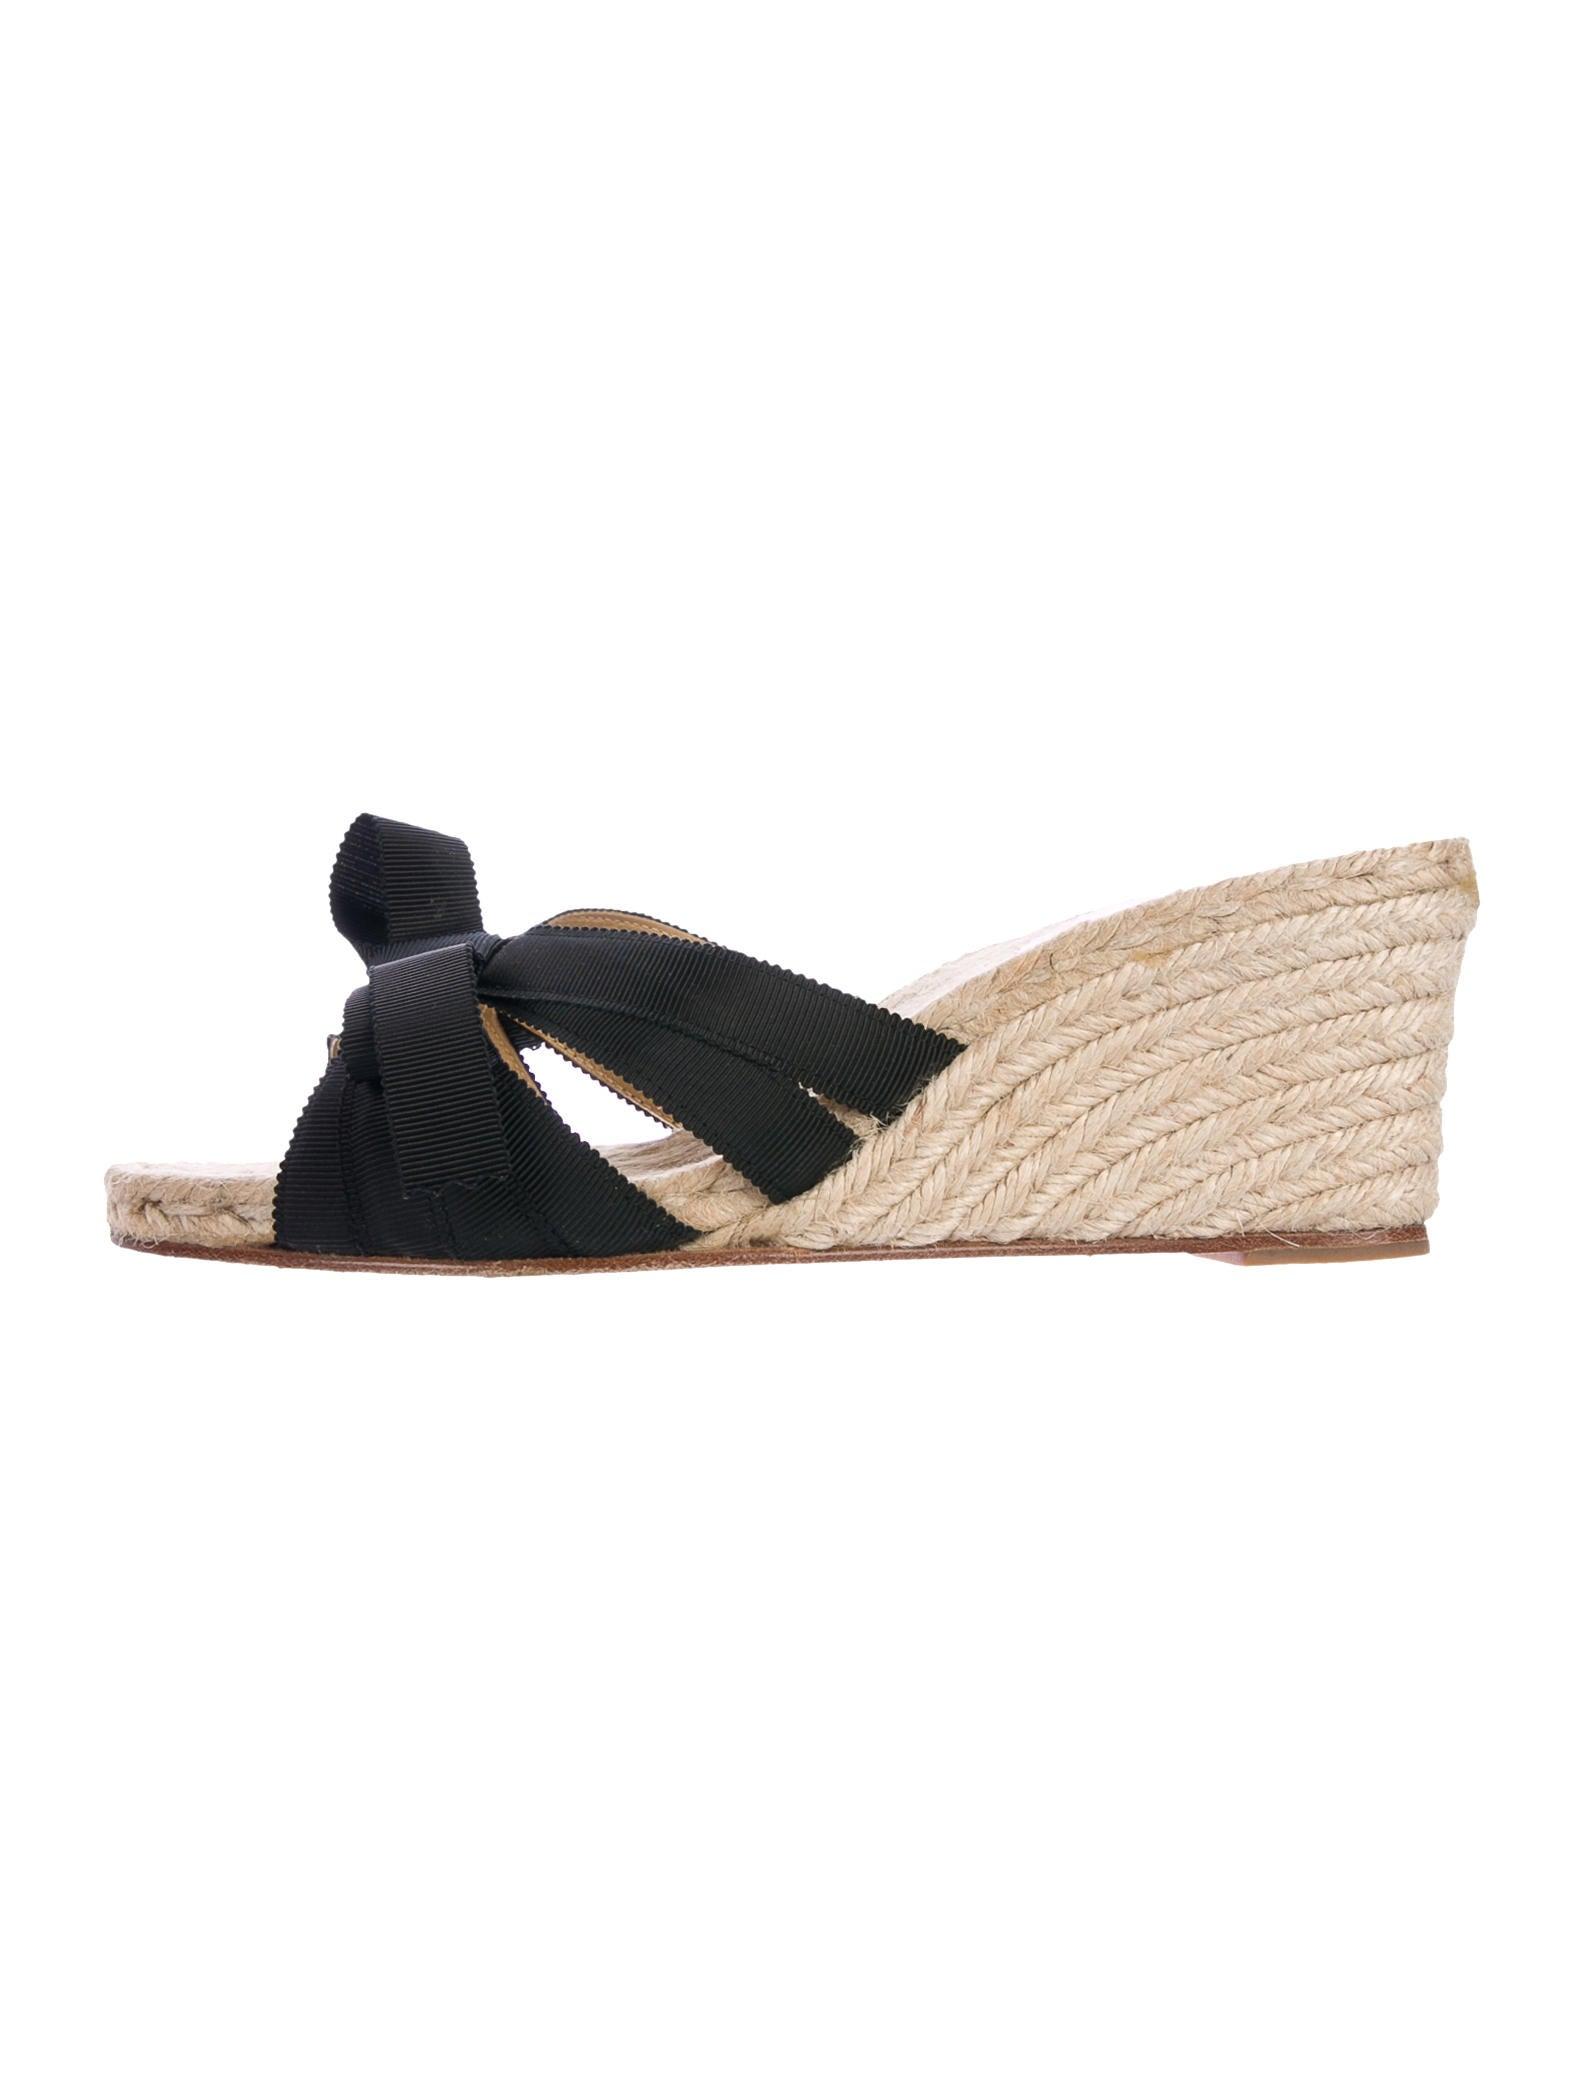 Christian Louboutin Tiburon Espadrille Wedge Sandals cheap amazing price great deals sale online jXPkr9K